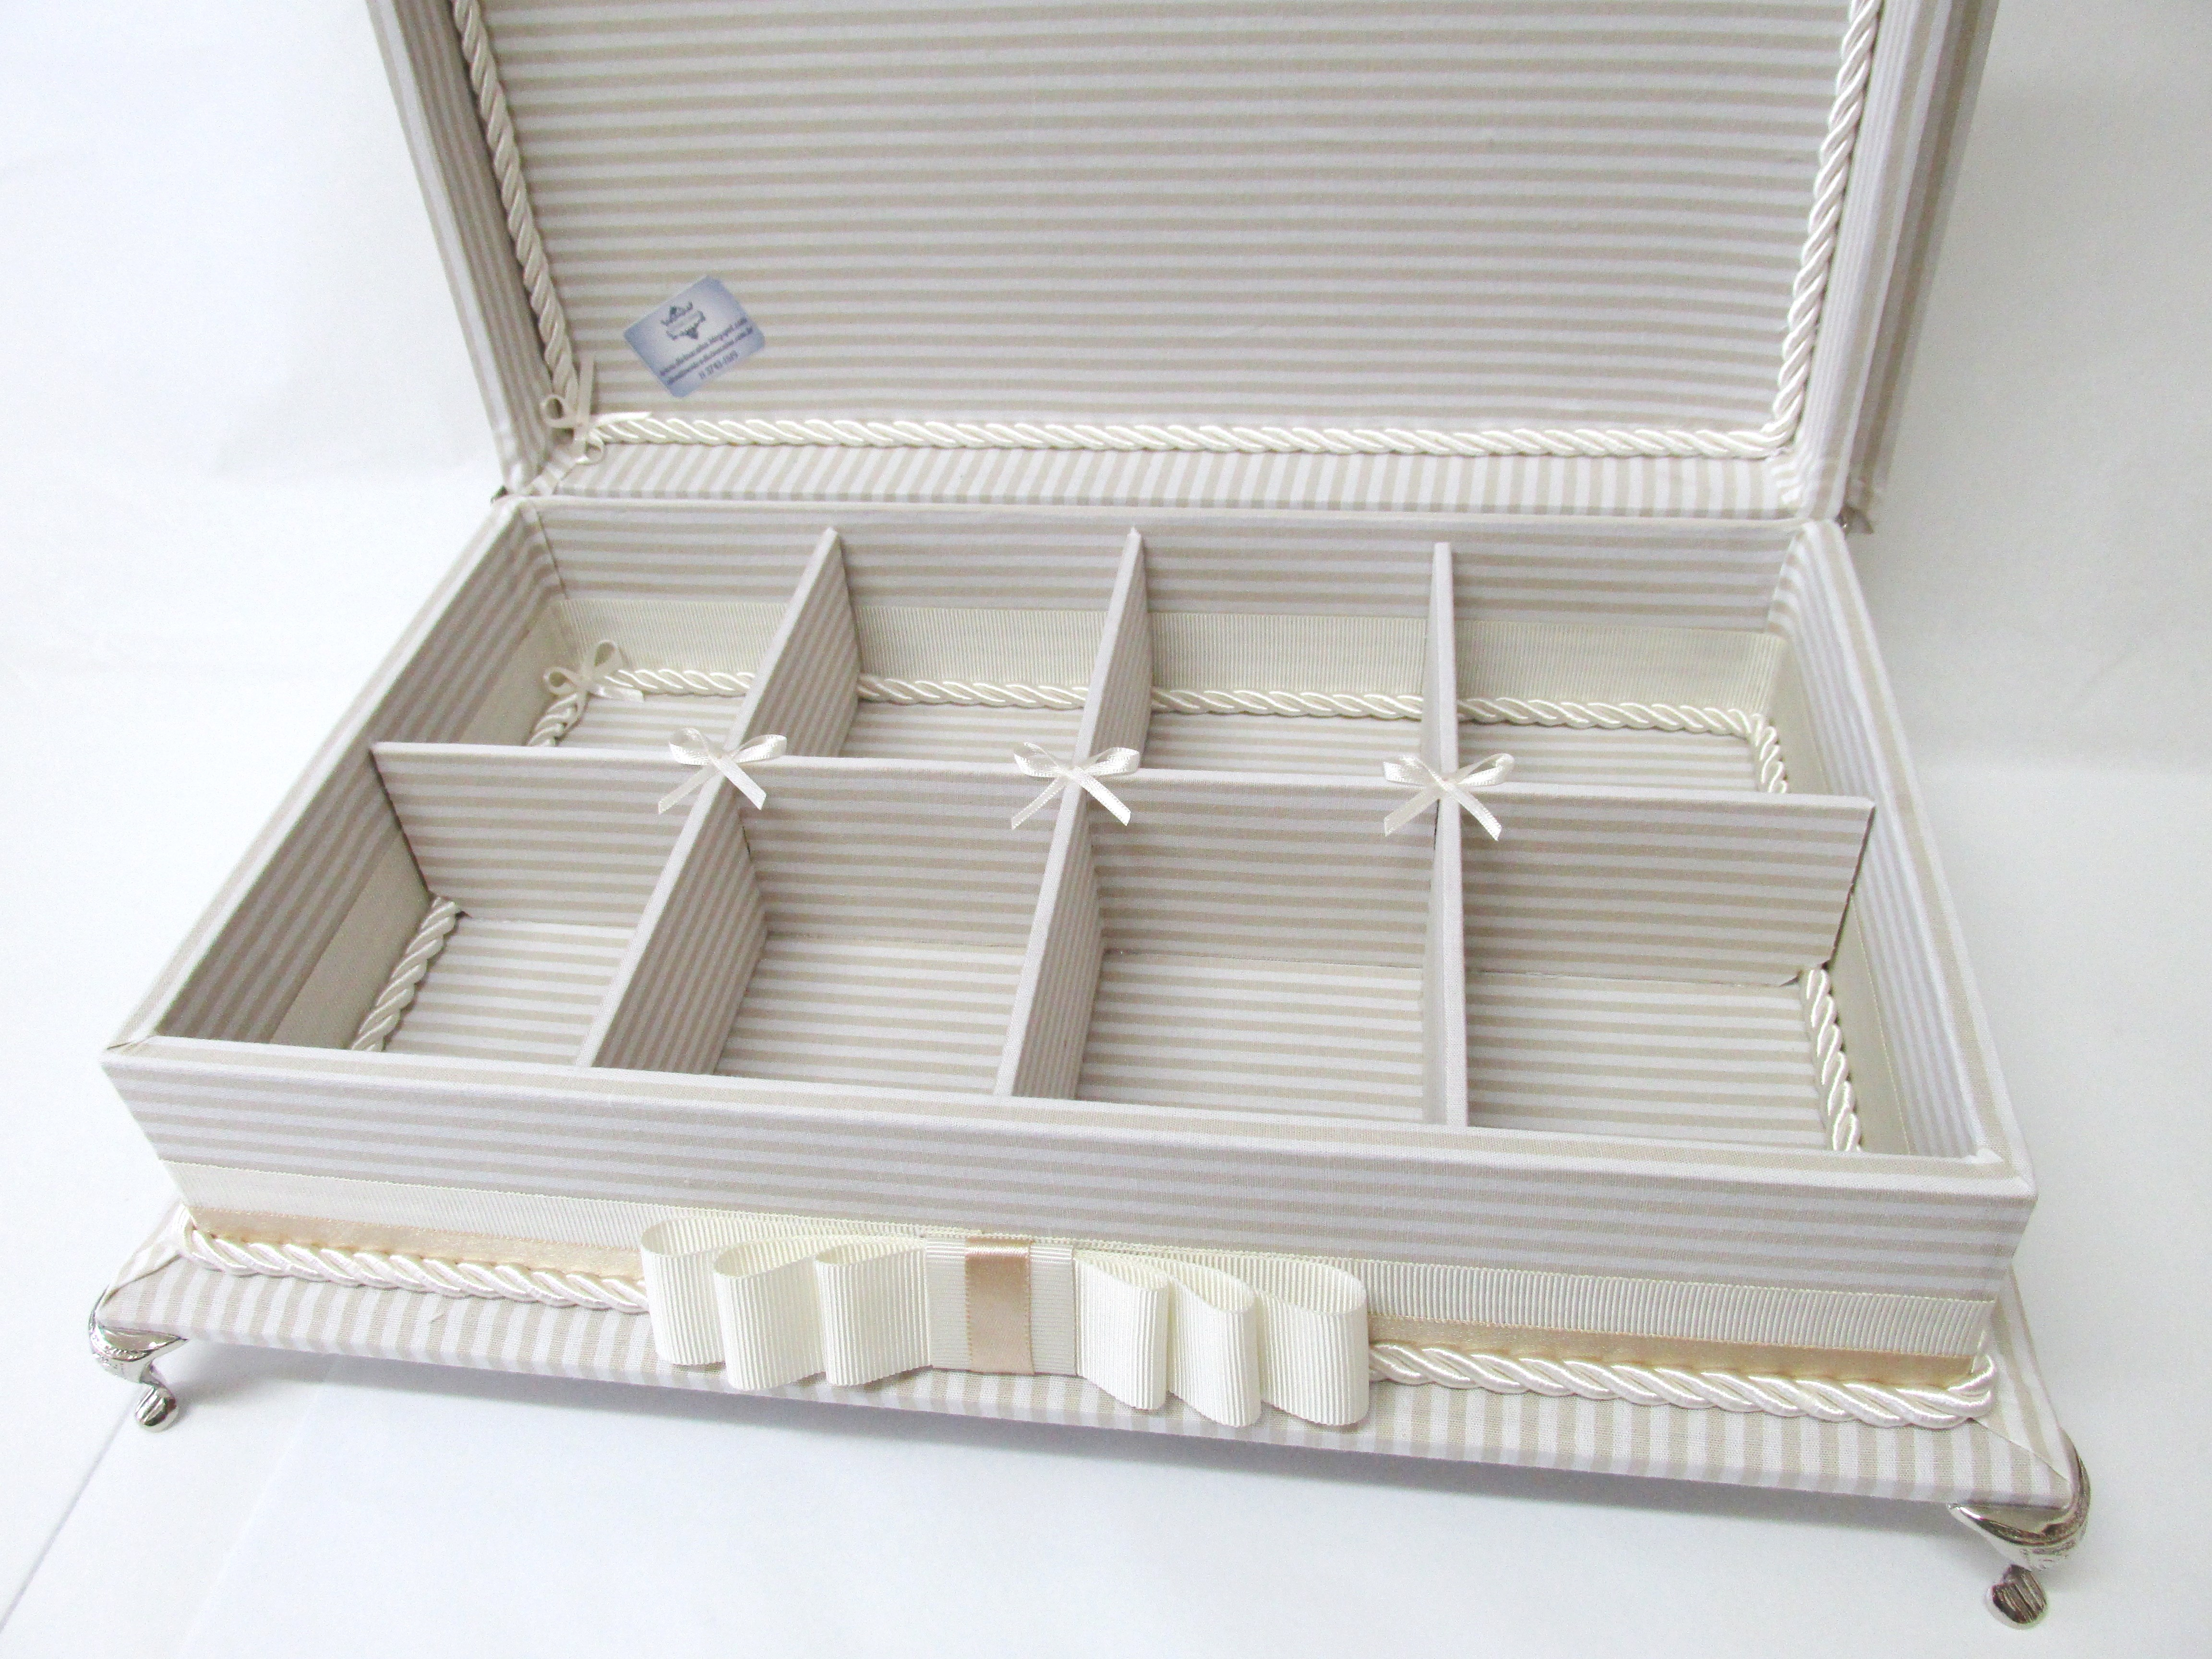 Kit Para Banheiro No Casamento : Caixa kit banheiro para casamento divina elo